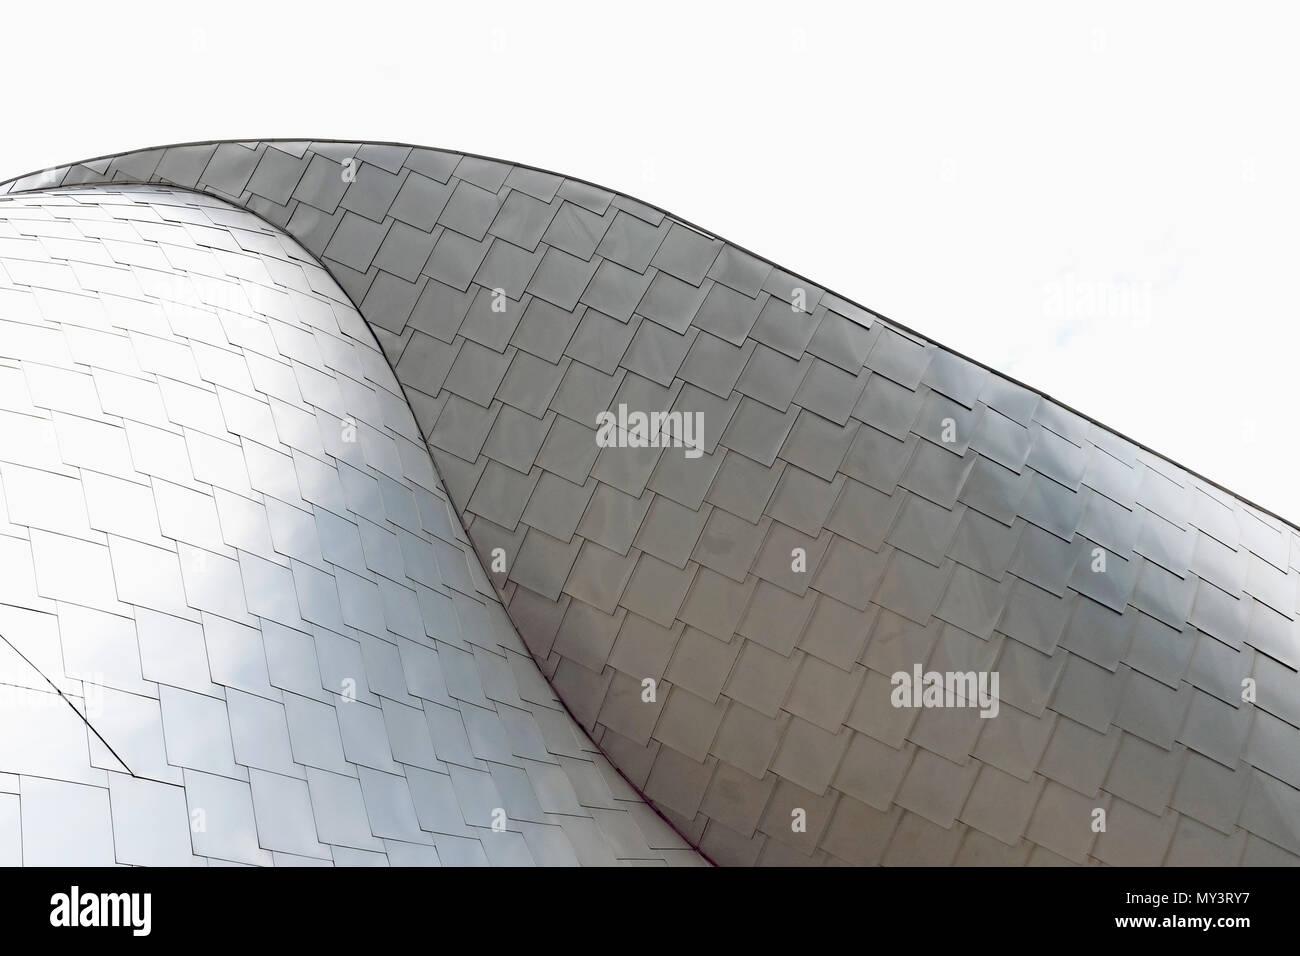 Edelstahl architektur stockfotos & edelstahl architektur bilder alamy